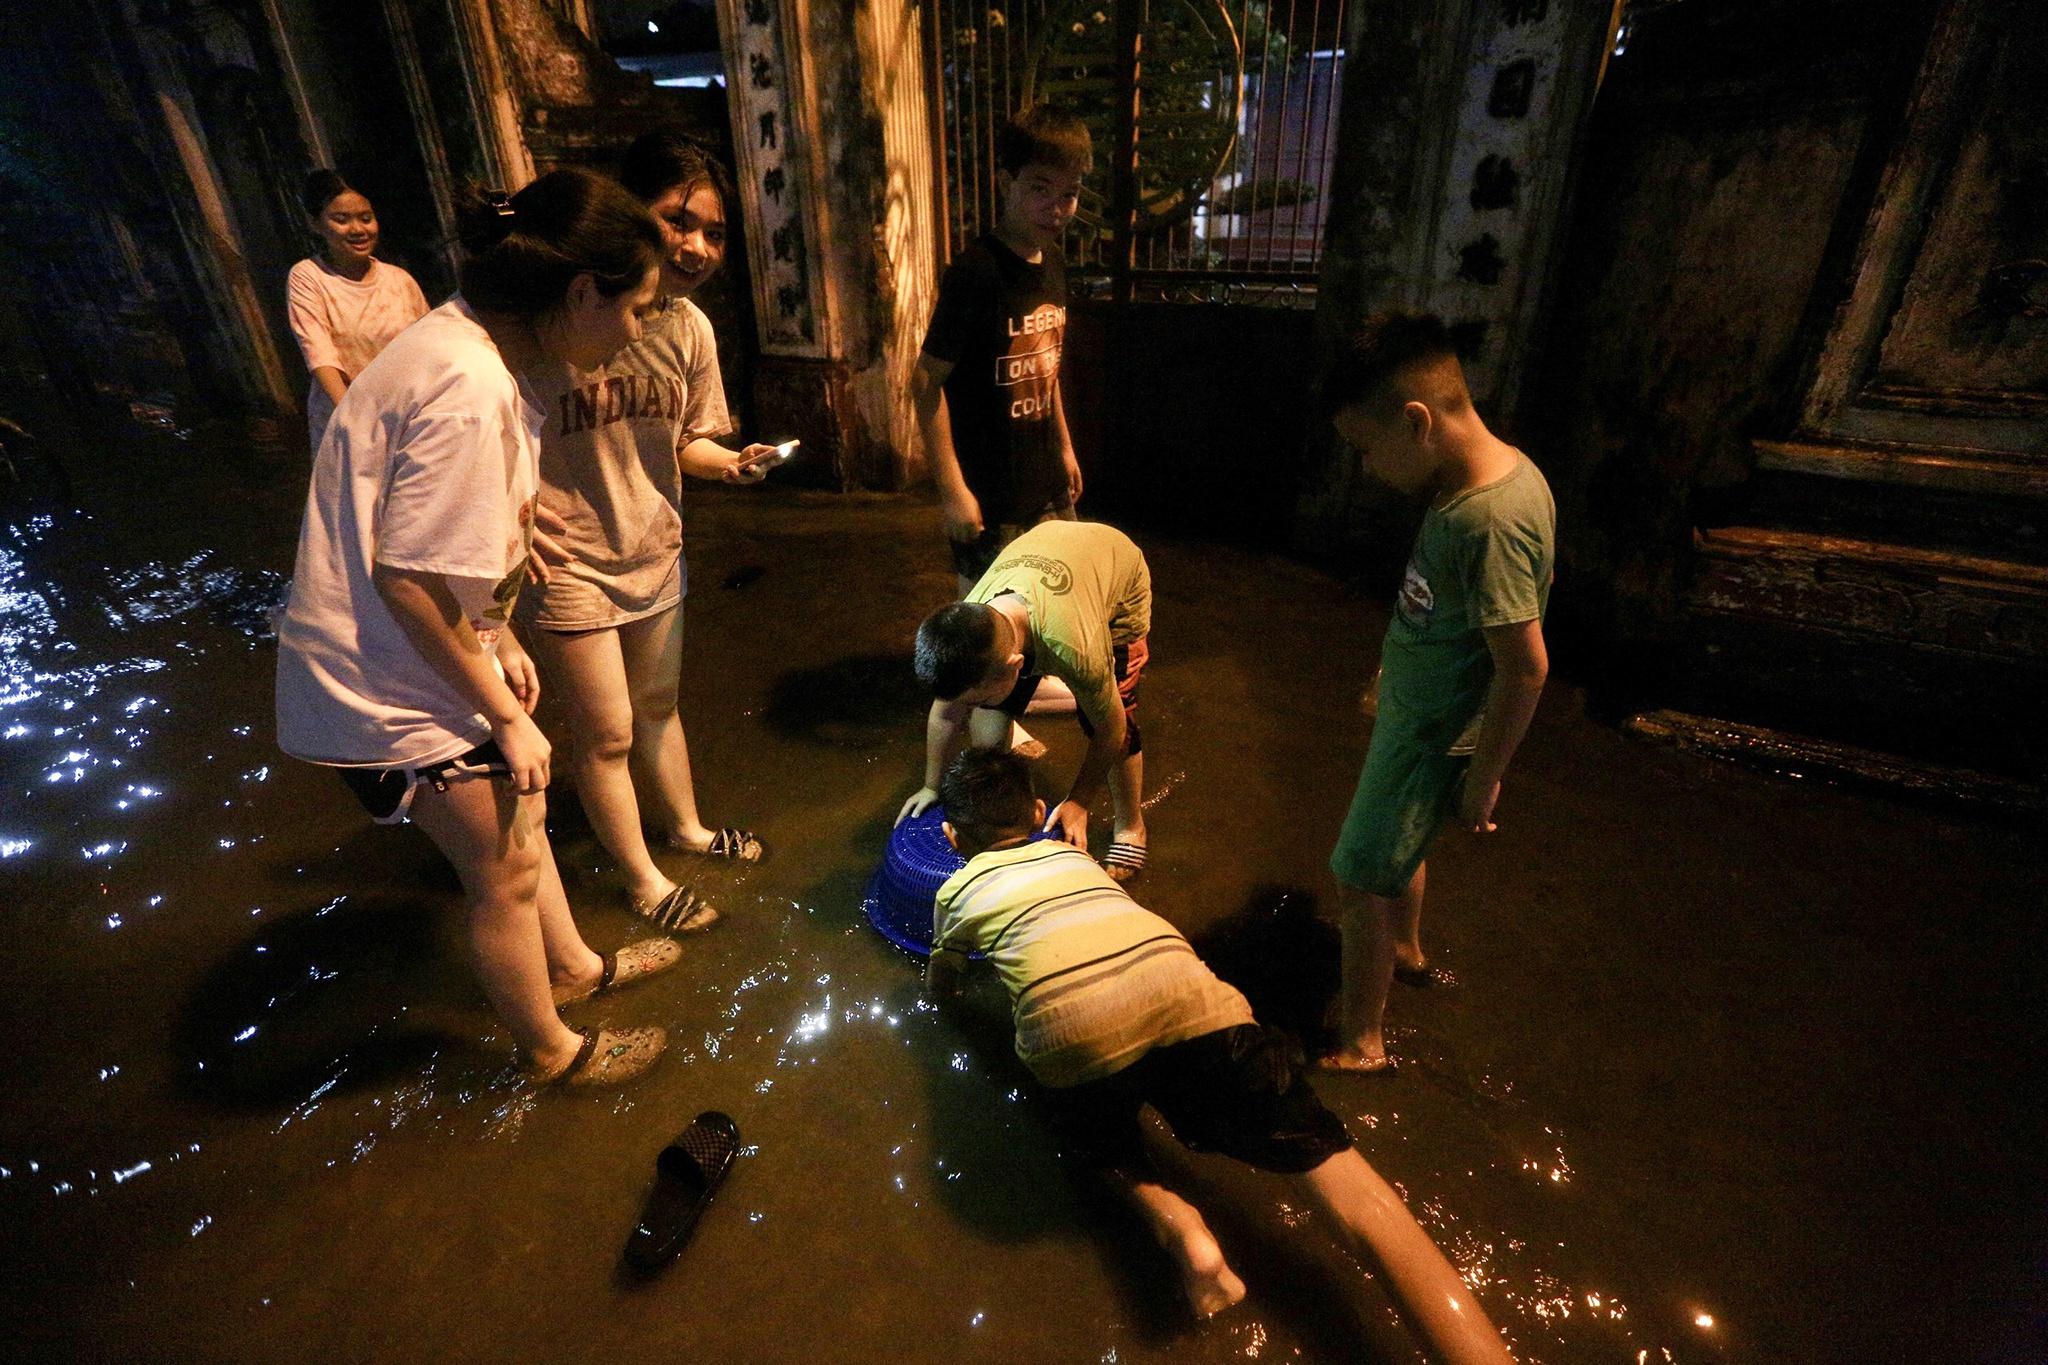 Bắt cá giữa đường sau mưa ngập ở Hà Nội - Ảnh 2.